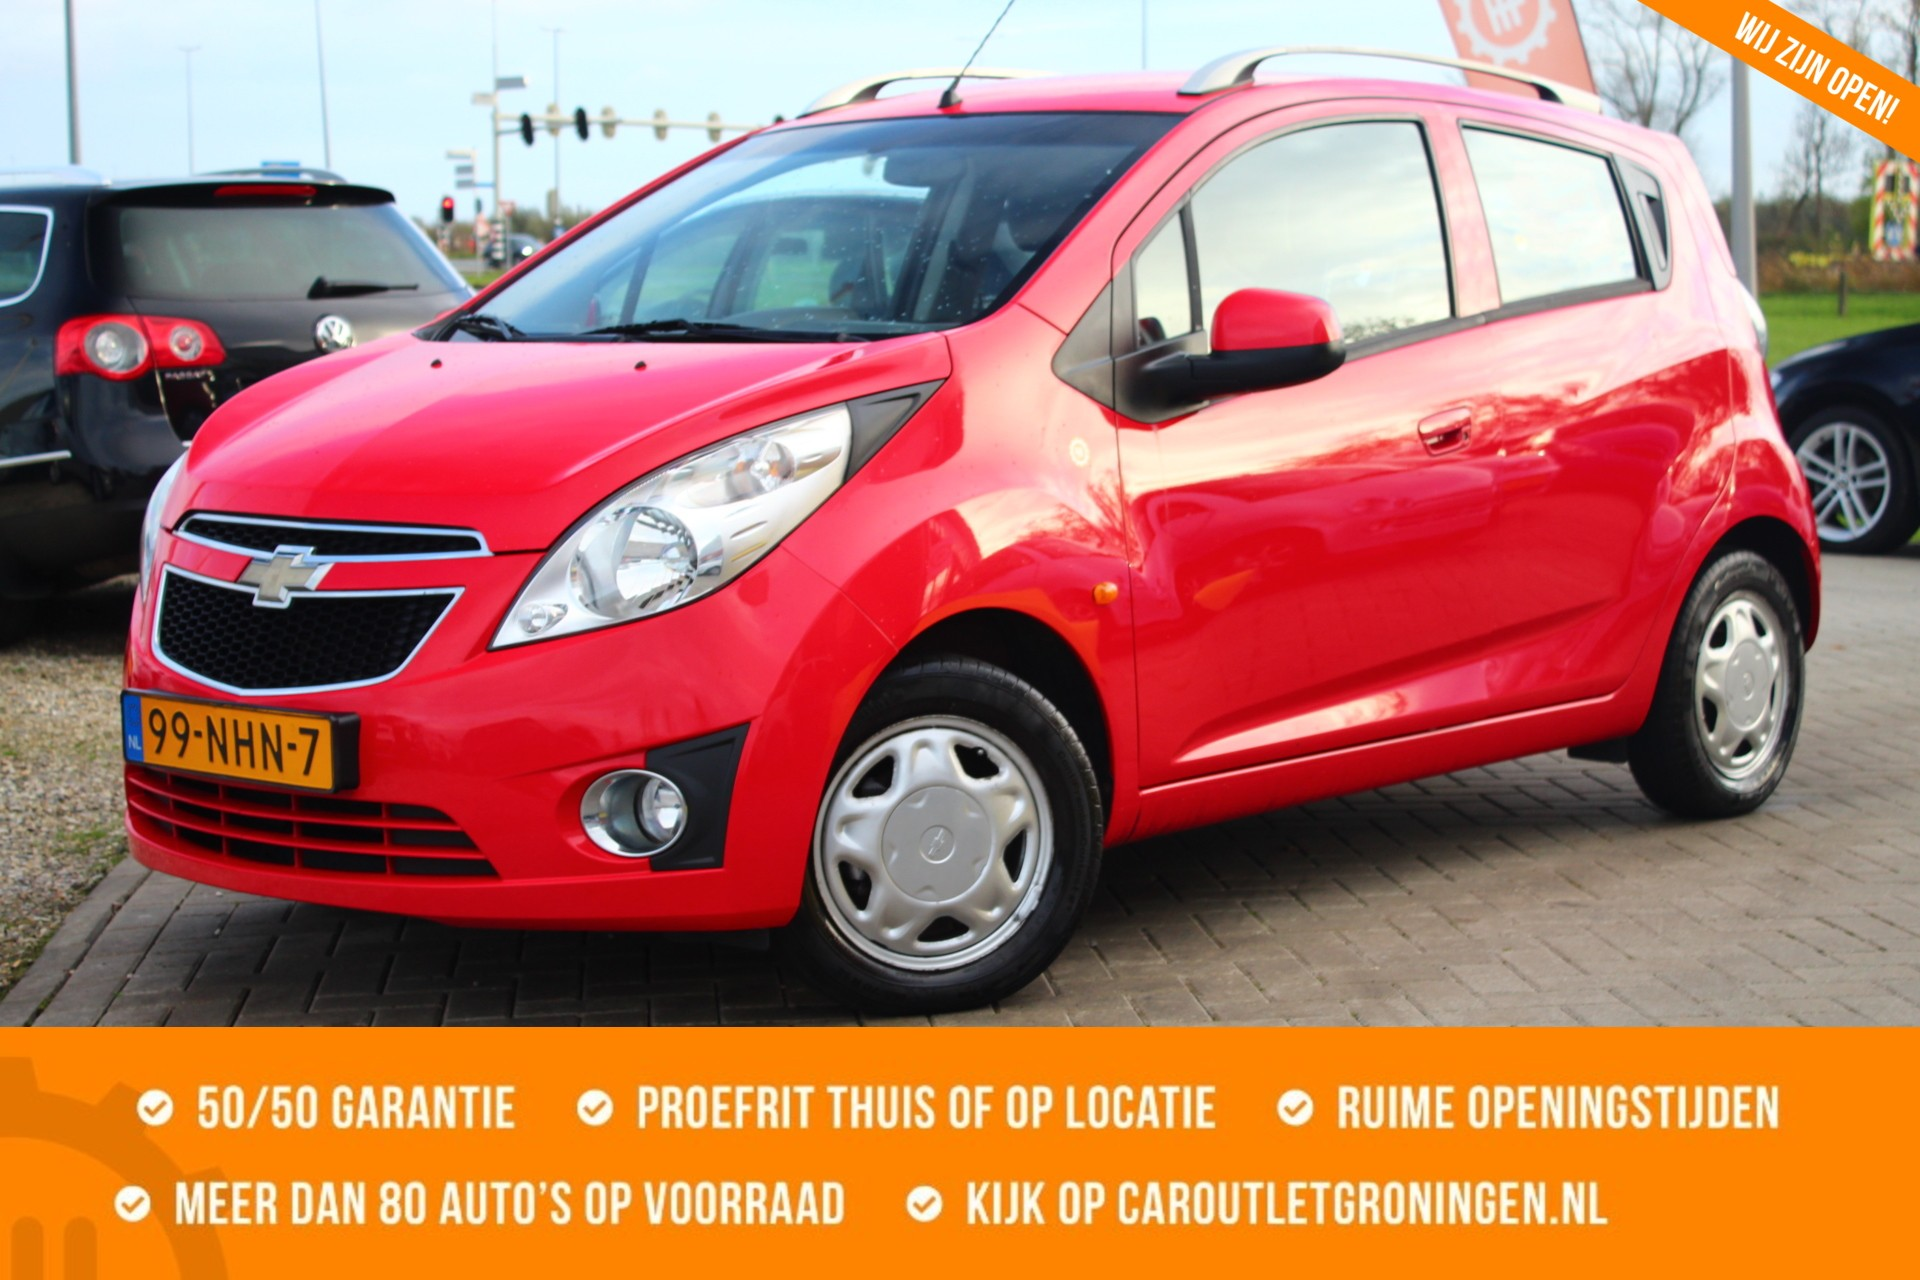 Caroutlet Groningen - Chevrolet Spark 1.0 16V LS Bi-Fuel | AIRCO | €96 p.m | 1e EIGENAAR